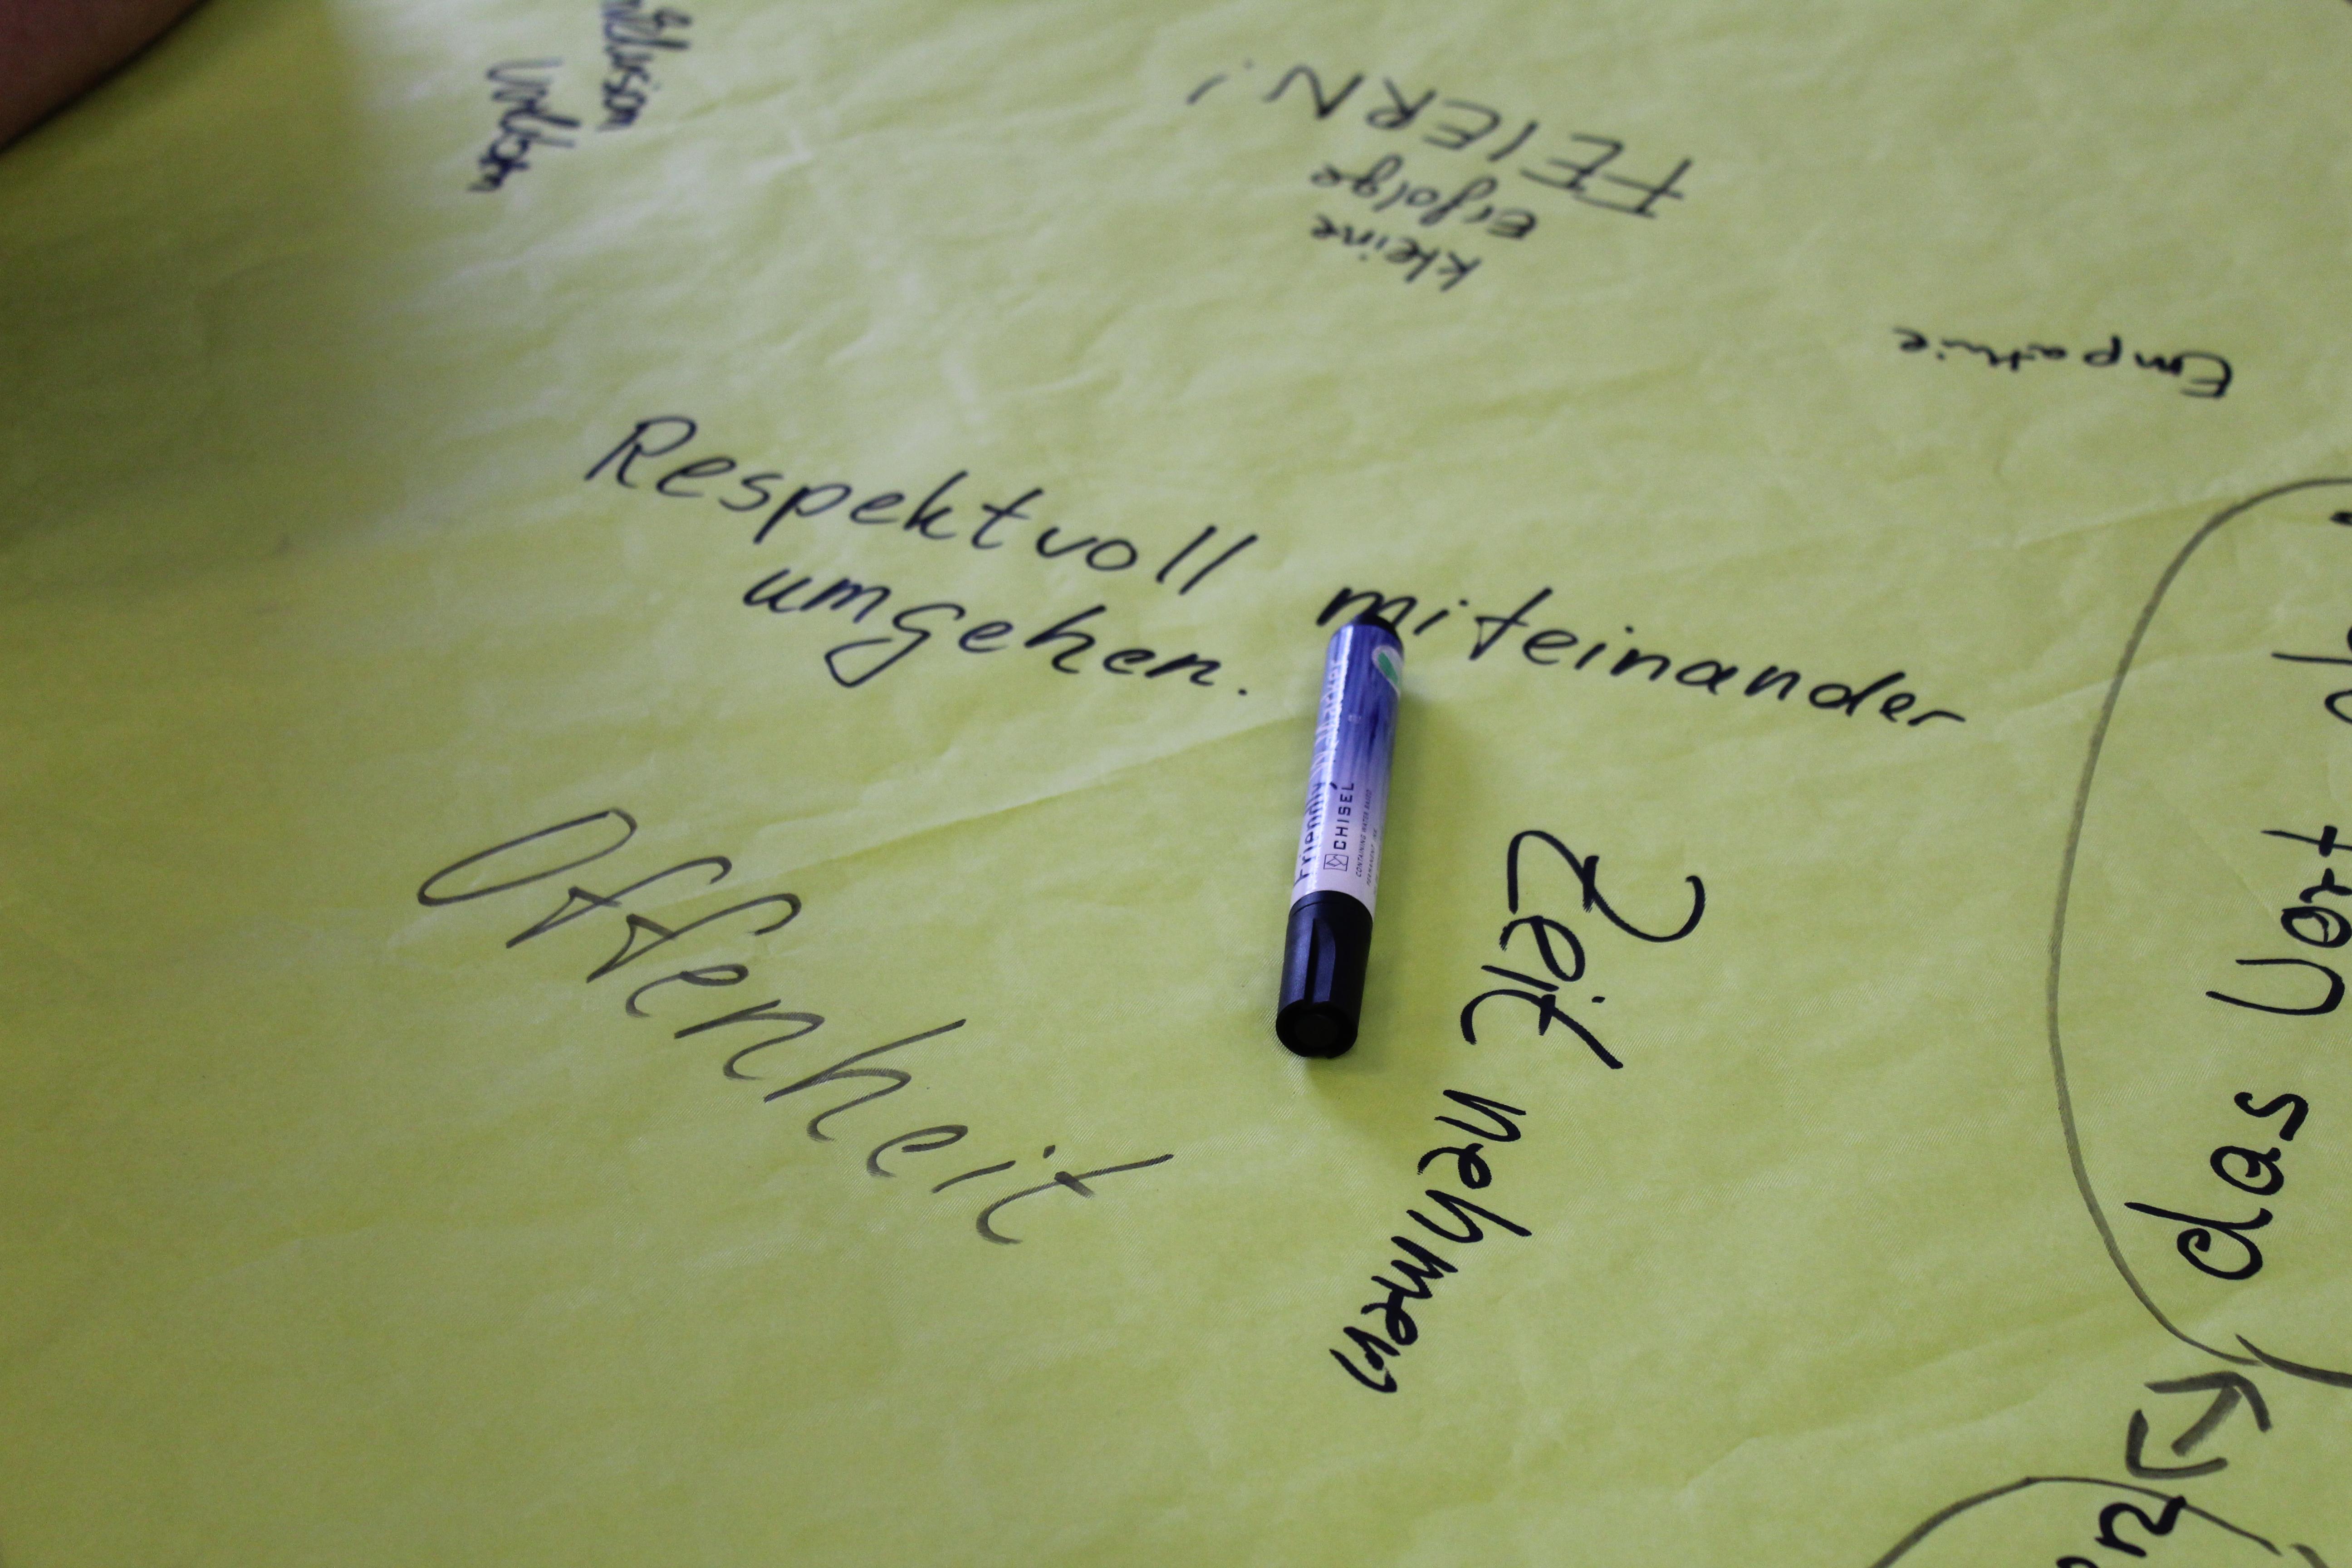 """Auf einer gelben Papiertischdecke sind verschiedene Begriffe mit Edding geschrieben: """"Offenheit"""", """"Zeit nehmen"""" und """"respektvoll miteinander umgehen""""."""